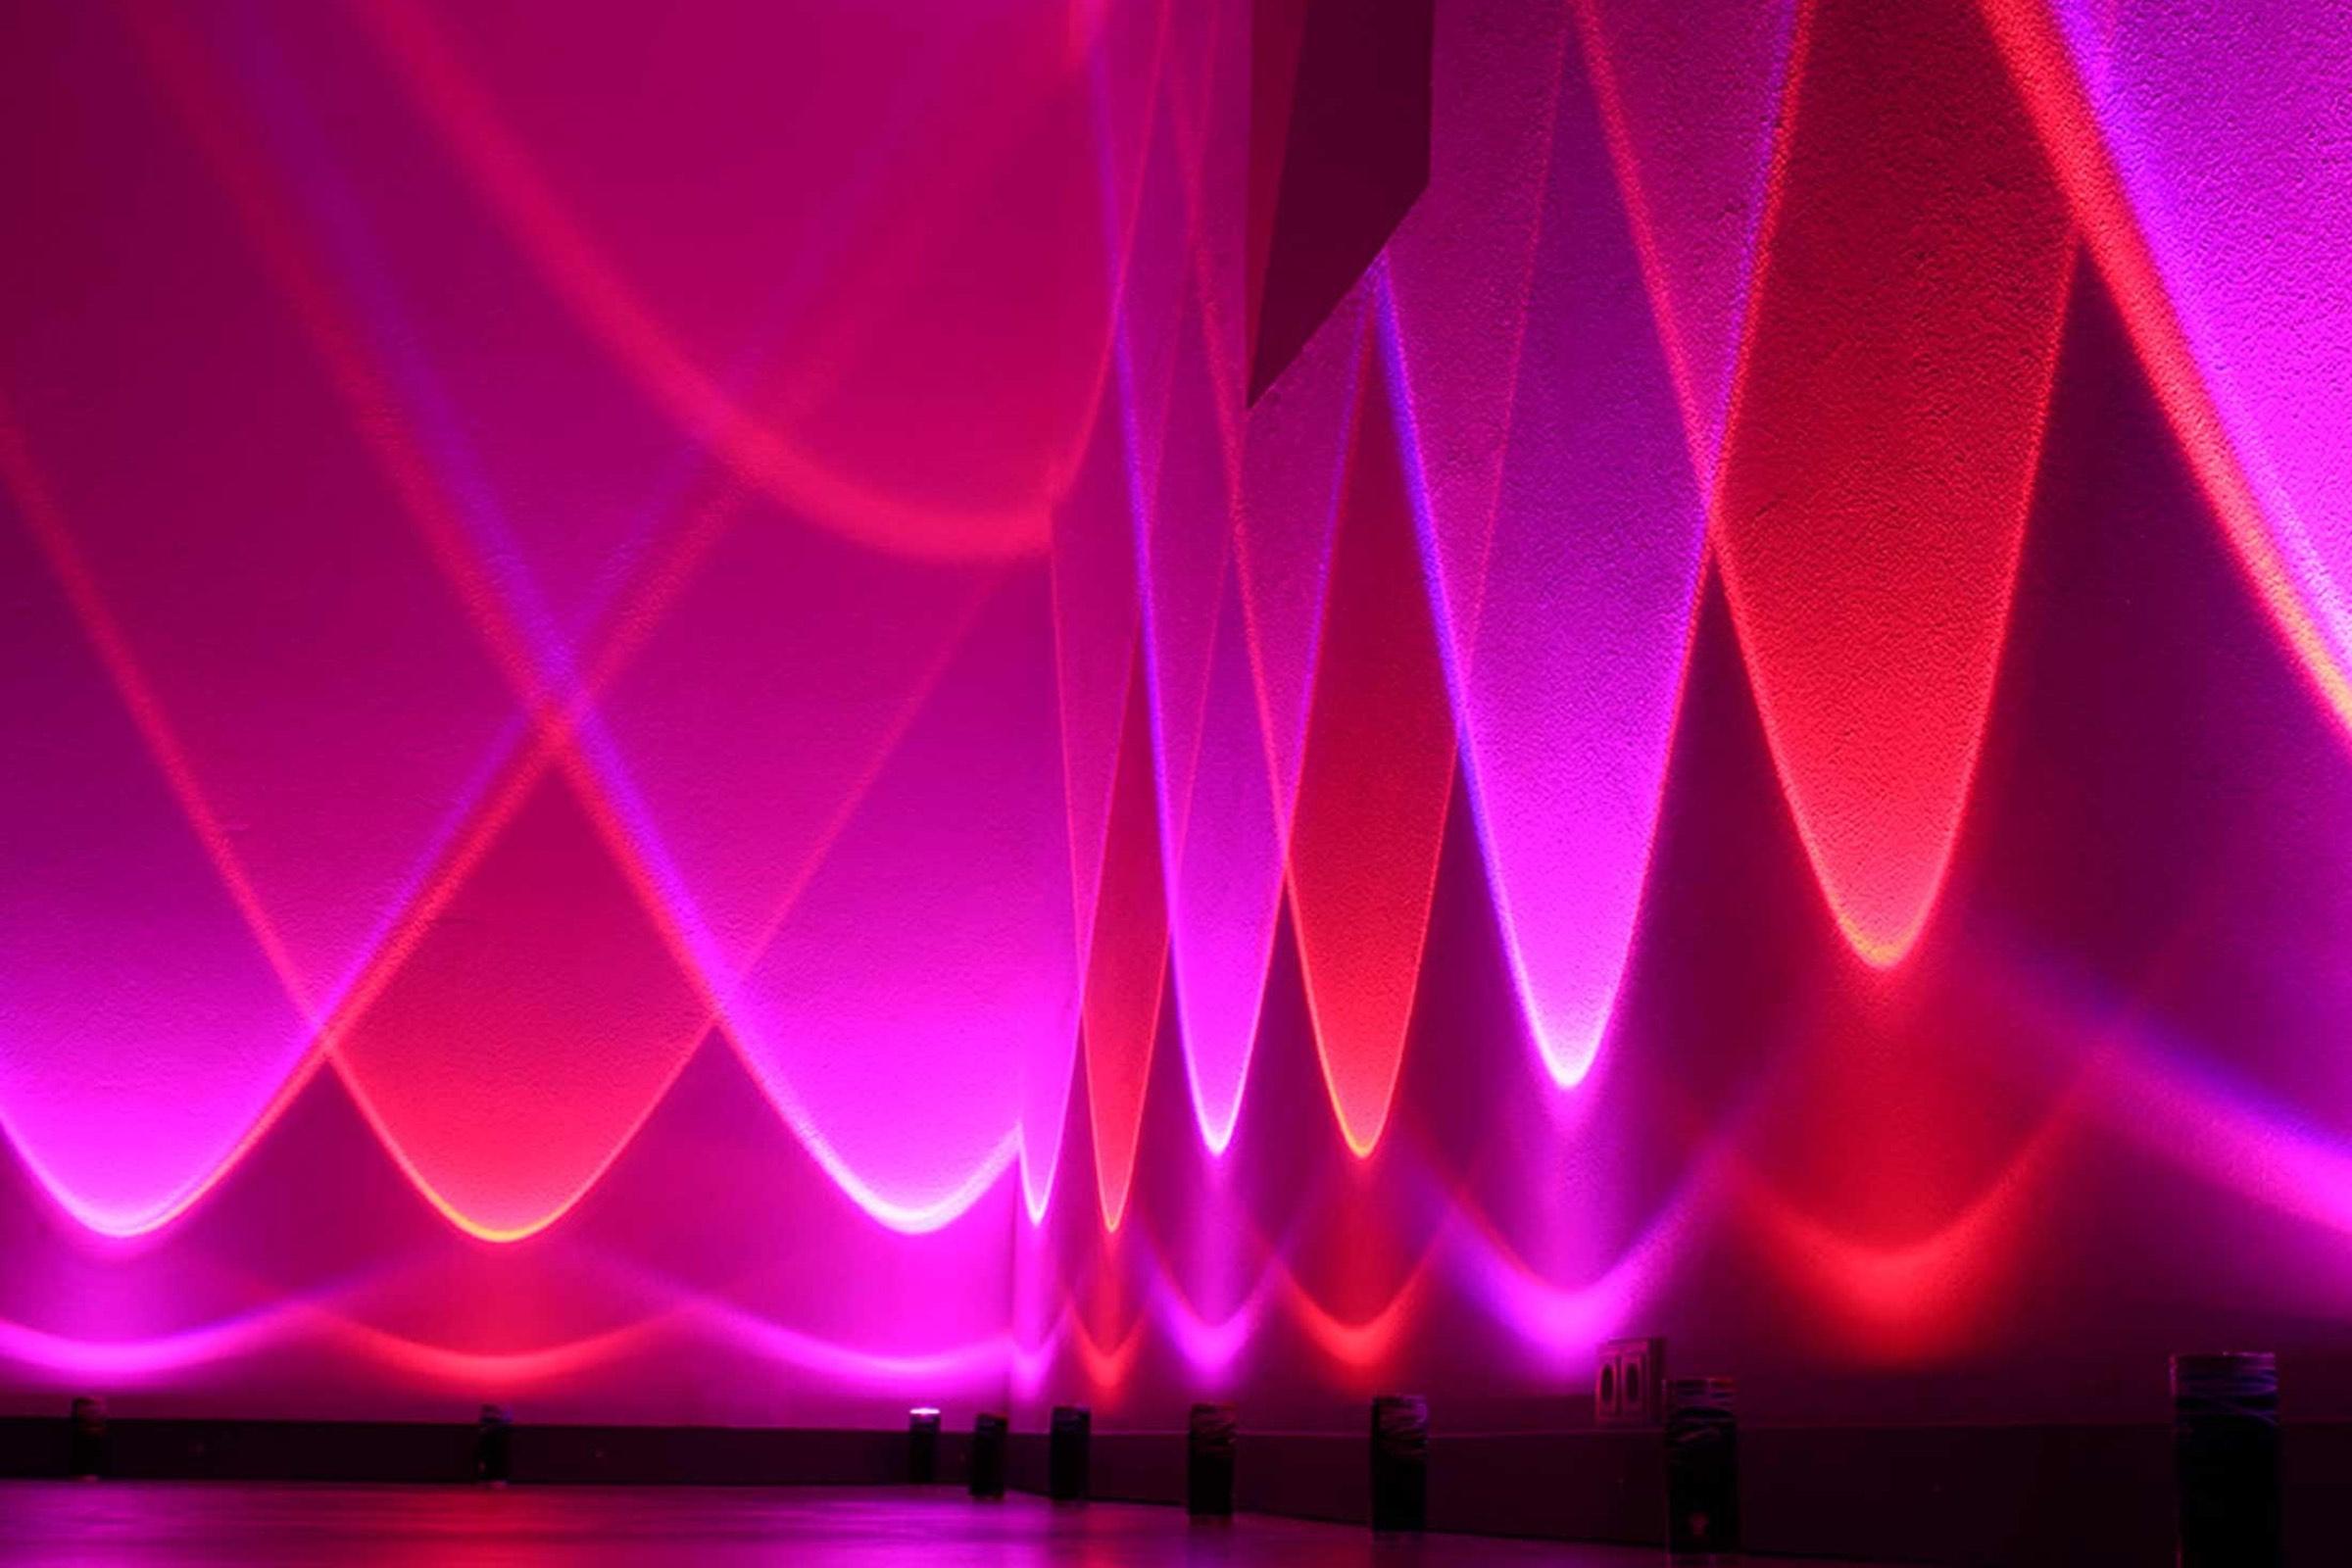 lichttechnik |Indoor |Ambiente |Beleuchtung |Veranstaltungstechnik |Raumbeleuchtung |Location |Messestand |Firmenfeier |Show |Gala |Akku |LED |Outdoor |Spots |Scheinwerfer |Mieten |Buchen